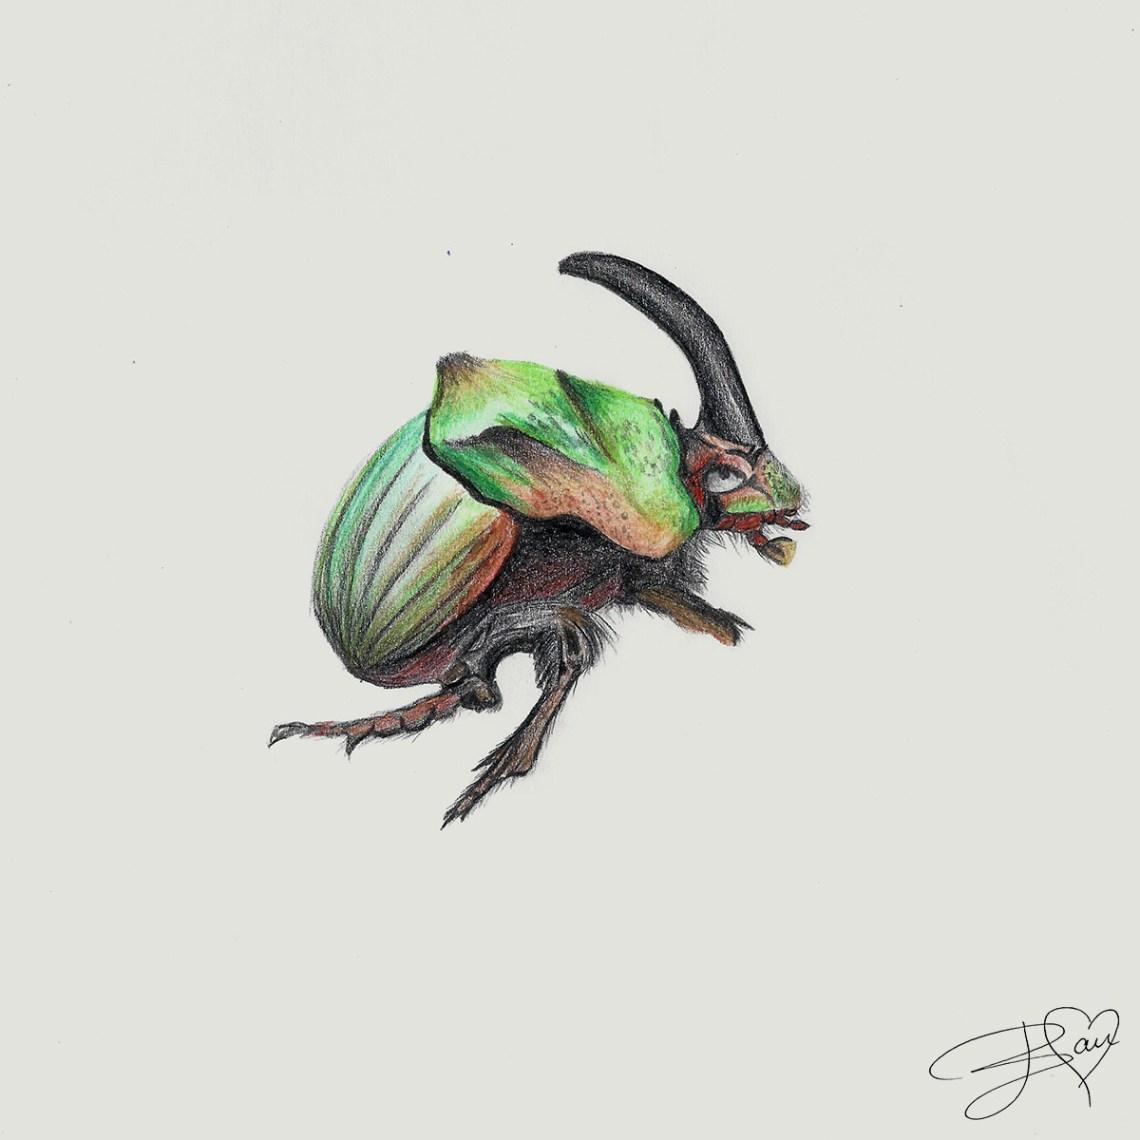 Rhinoceros Beetles Neushoornkever